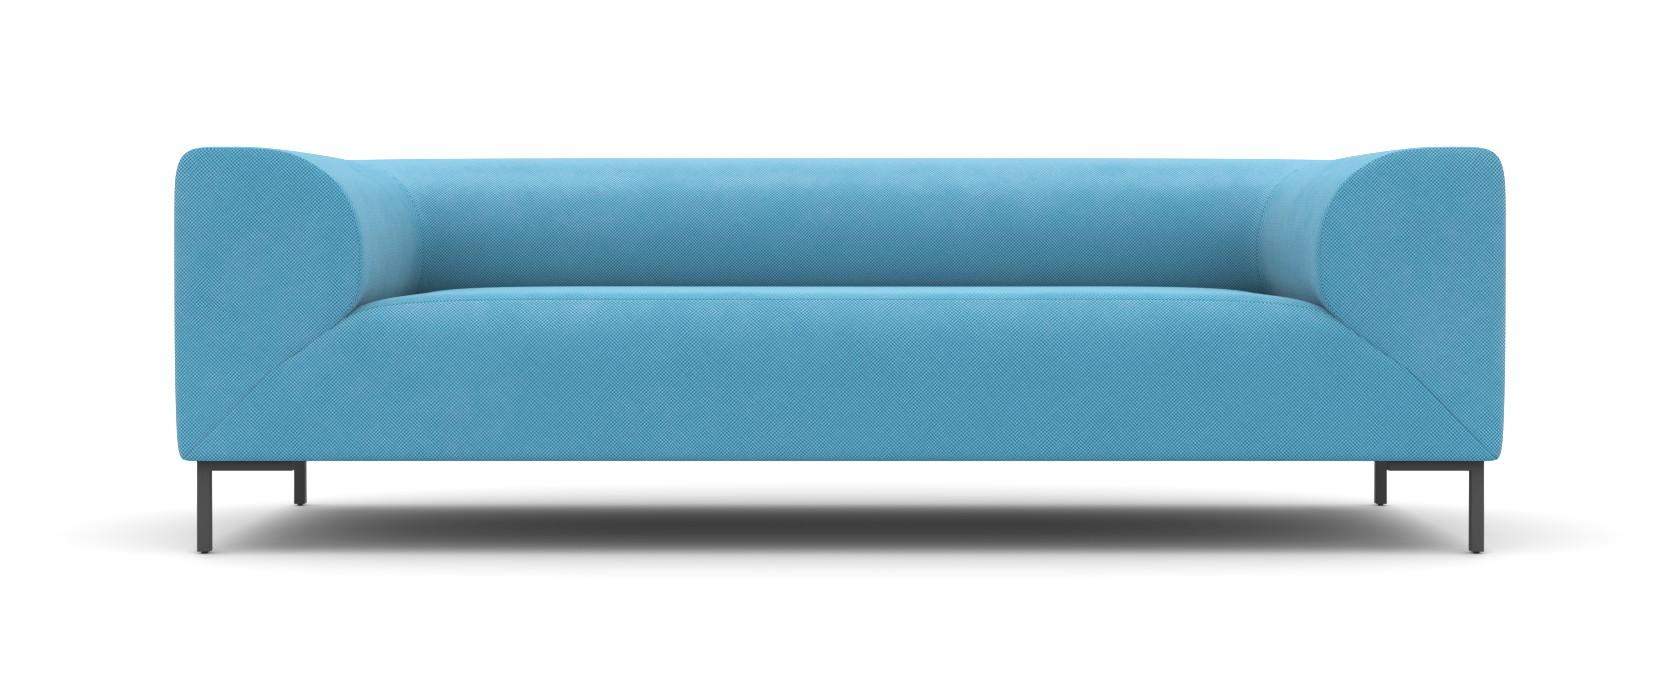 Трехместный диван Fernando